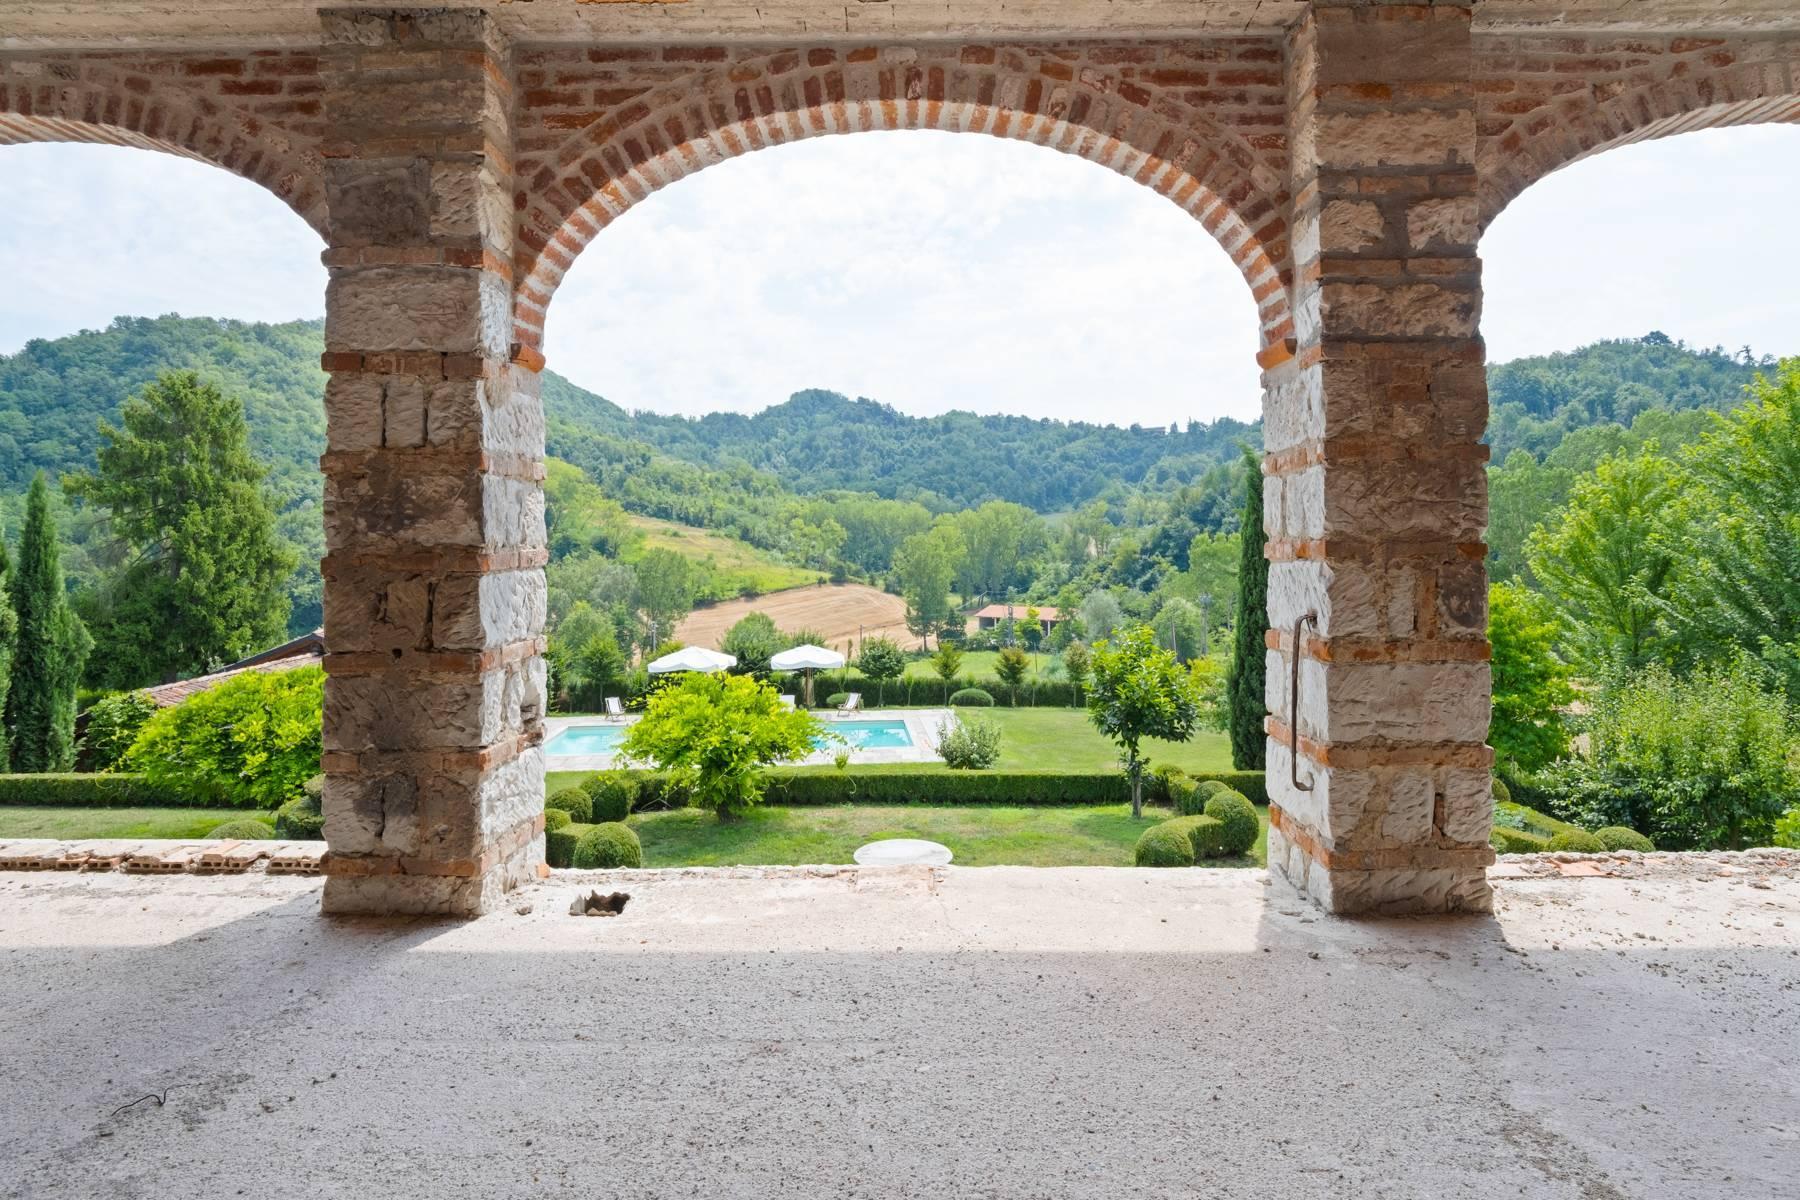 Affascinante casale con piscina nel verde delle colline del Monferrato - 13